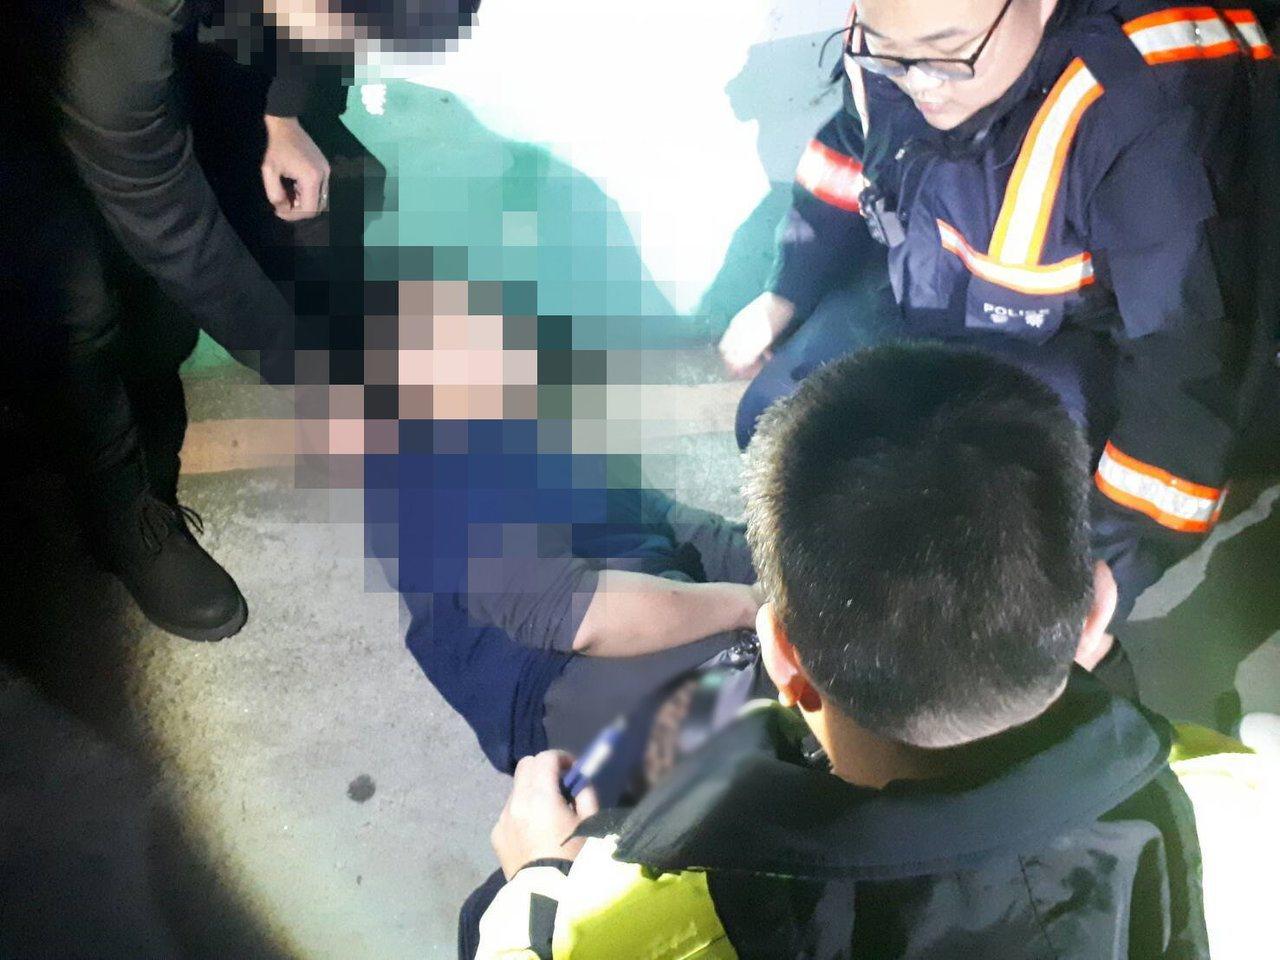 警方趁隙奪刀拉下意圖跳水輕生的男子。 記者林昭彰/翻攝